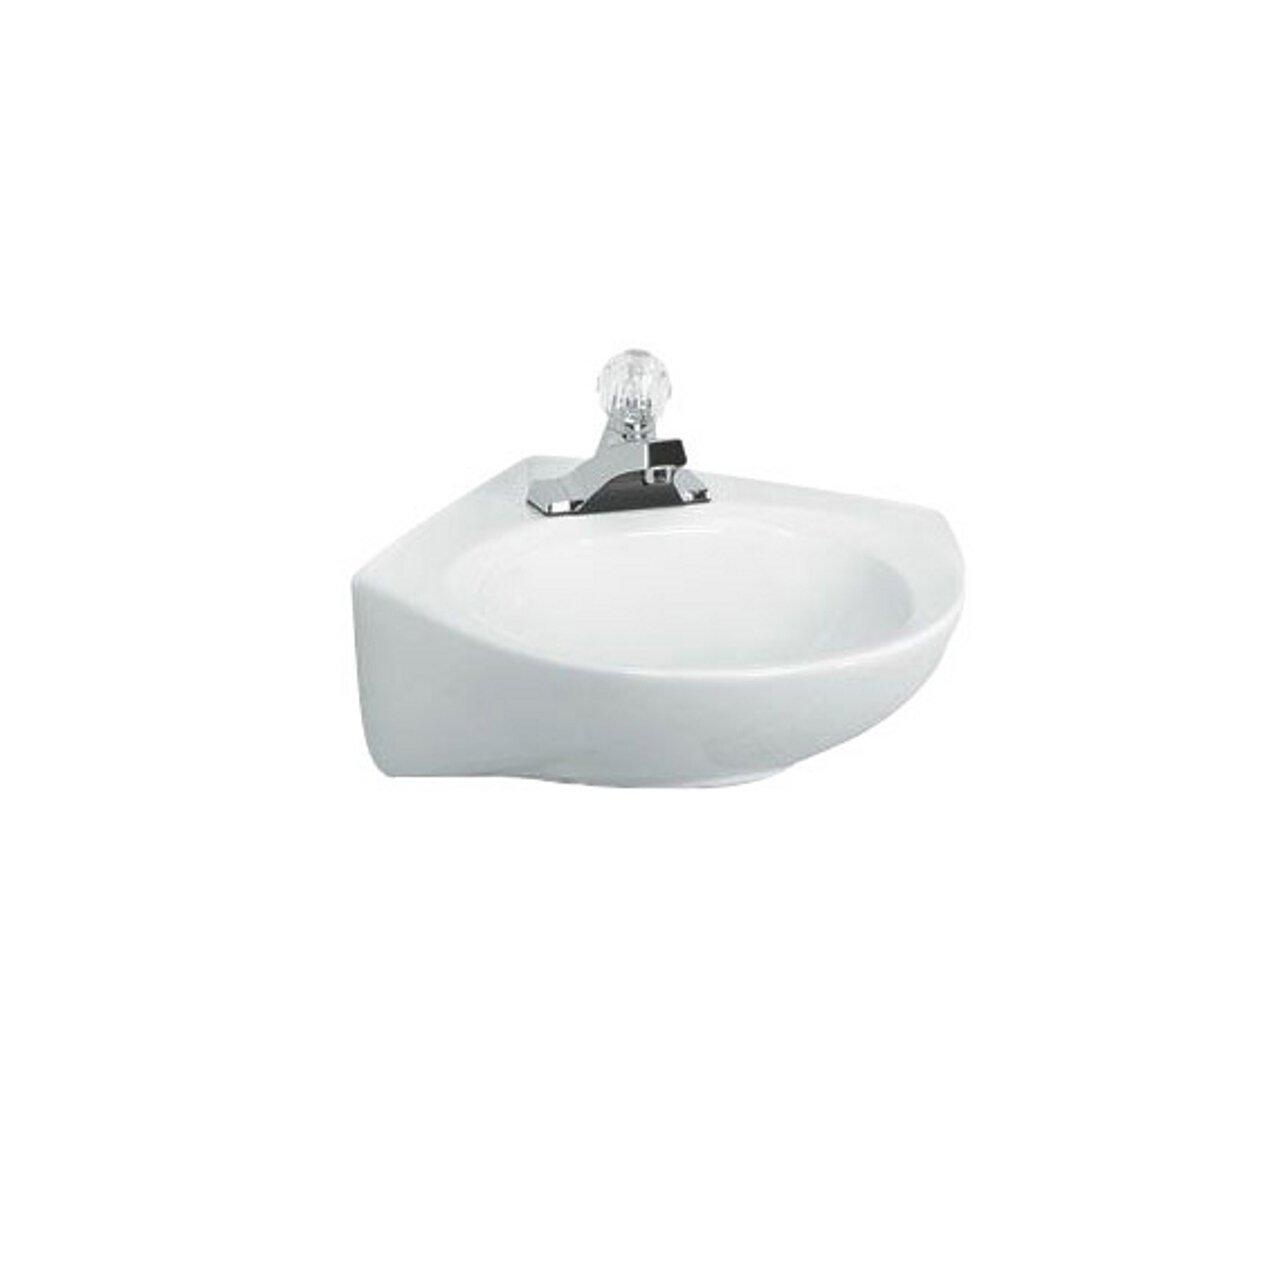 White 0611004.020 American Standard 0611.004.020 Cornice 4-feet Wall-Hung Lavatory Sink